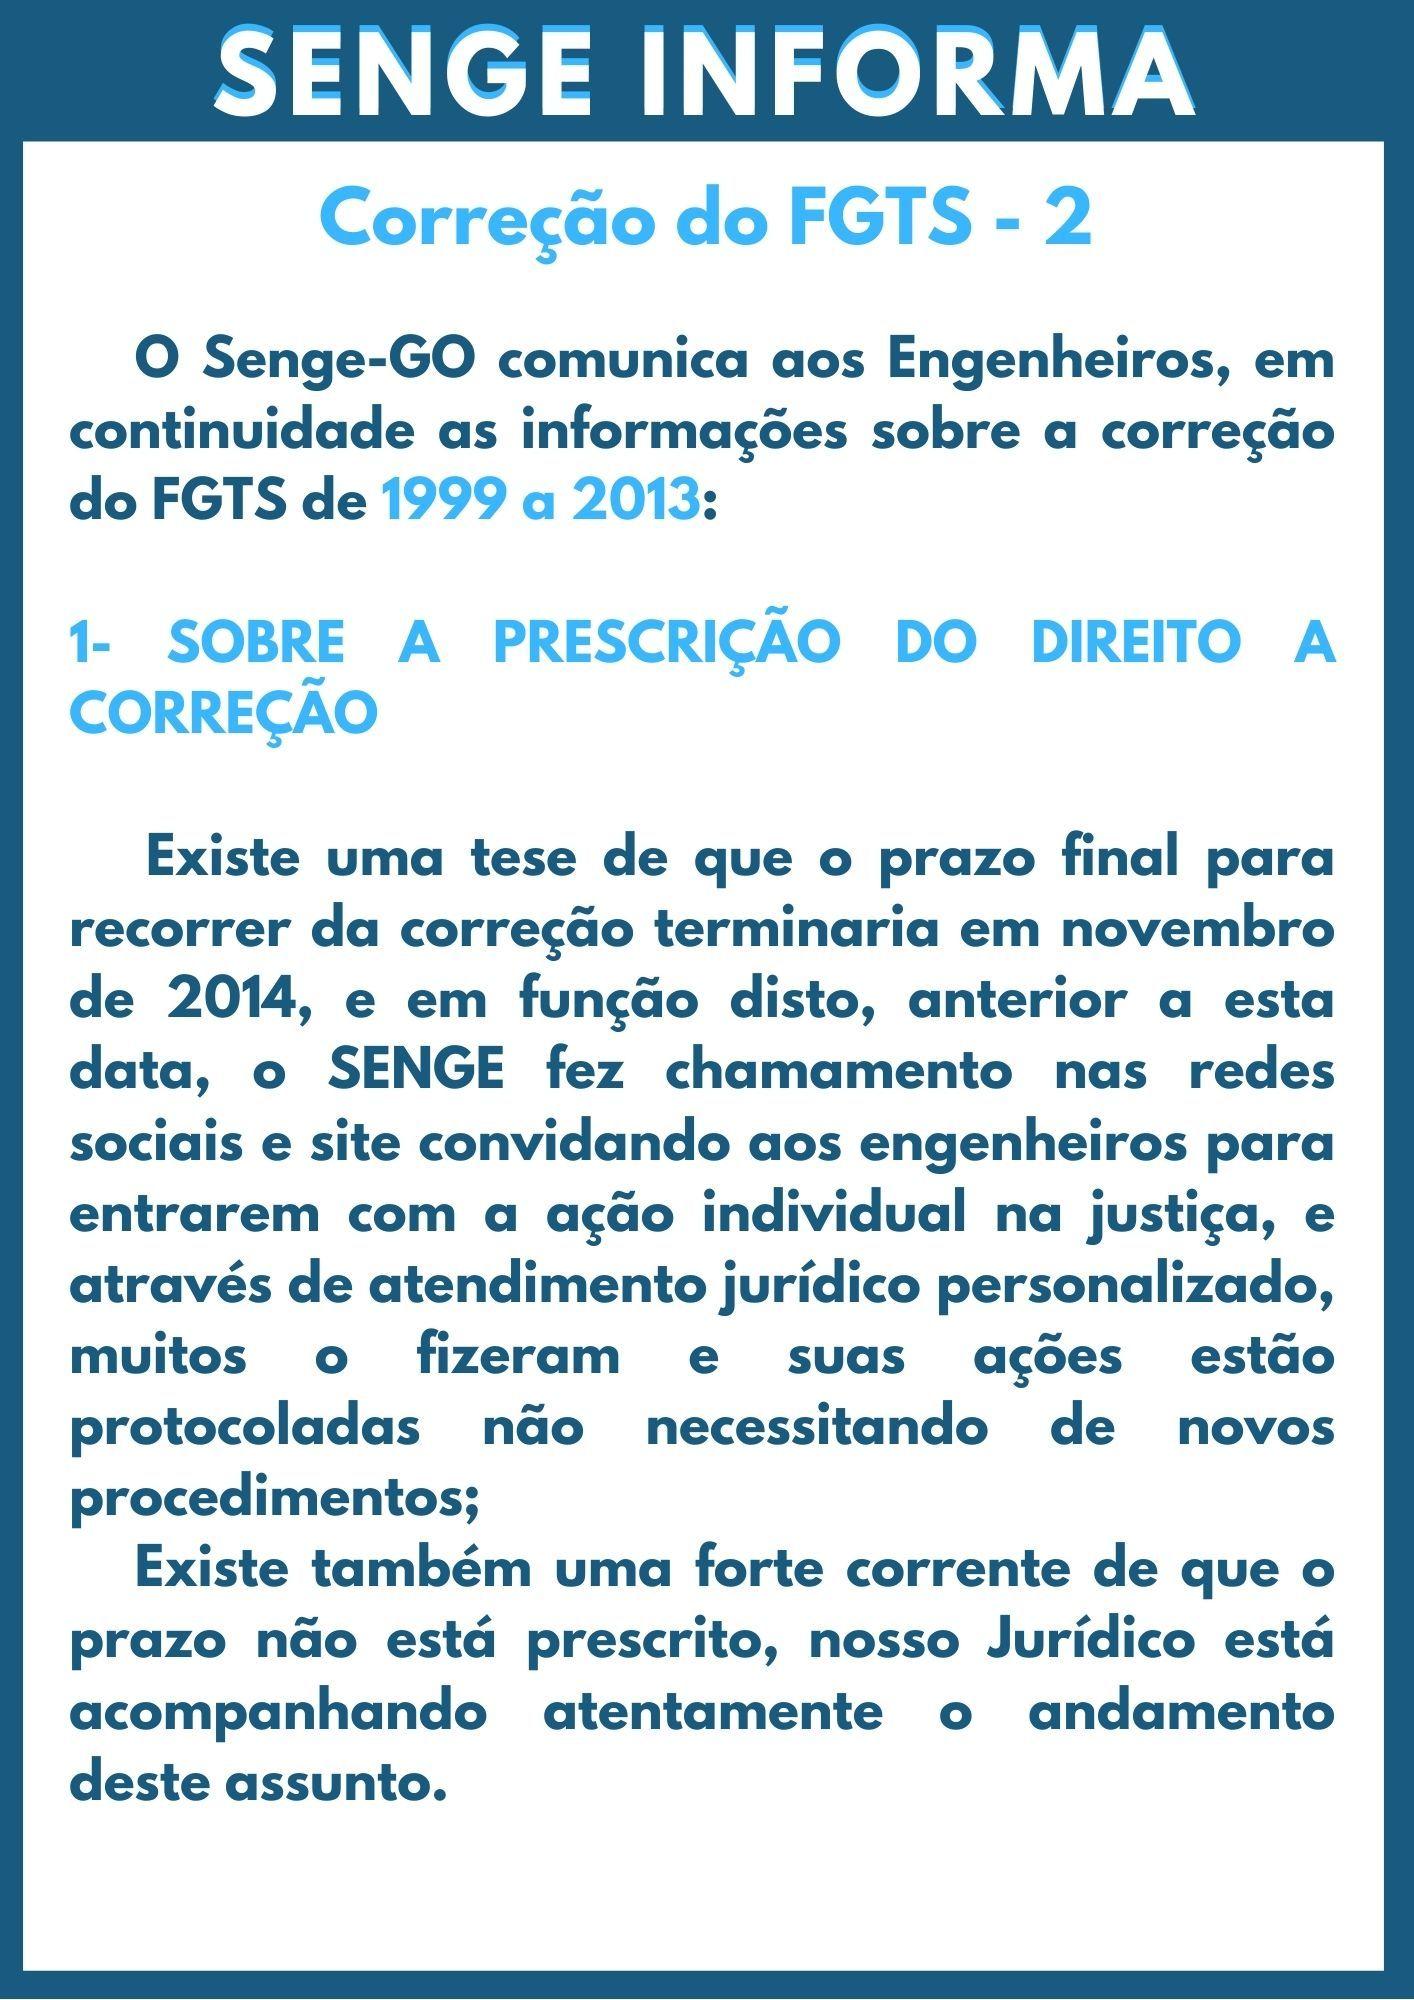 correção_do_fgts-_2